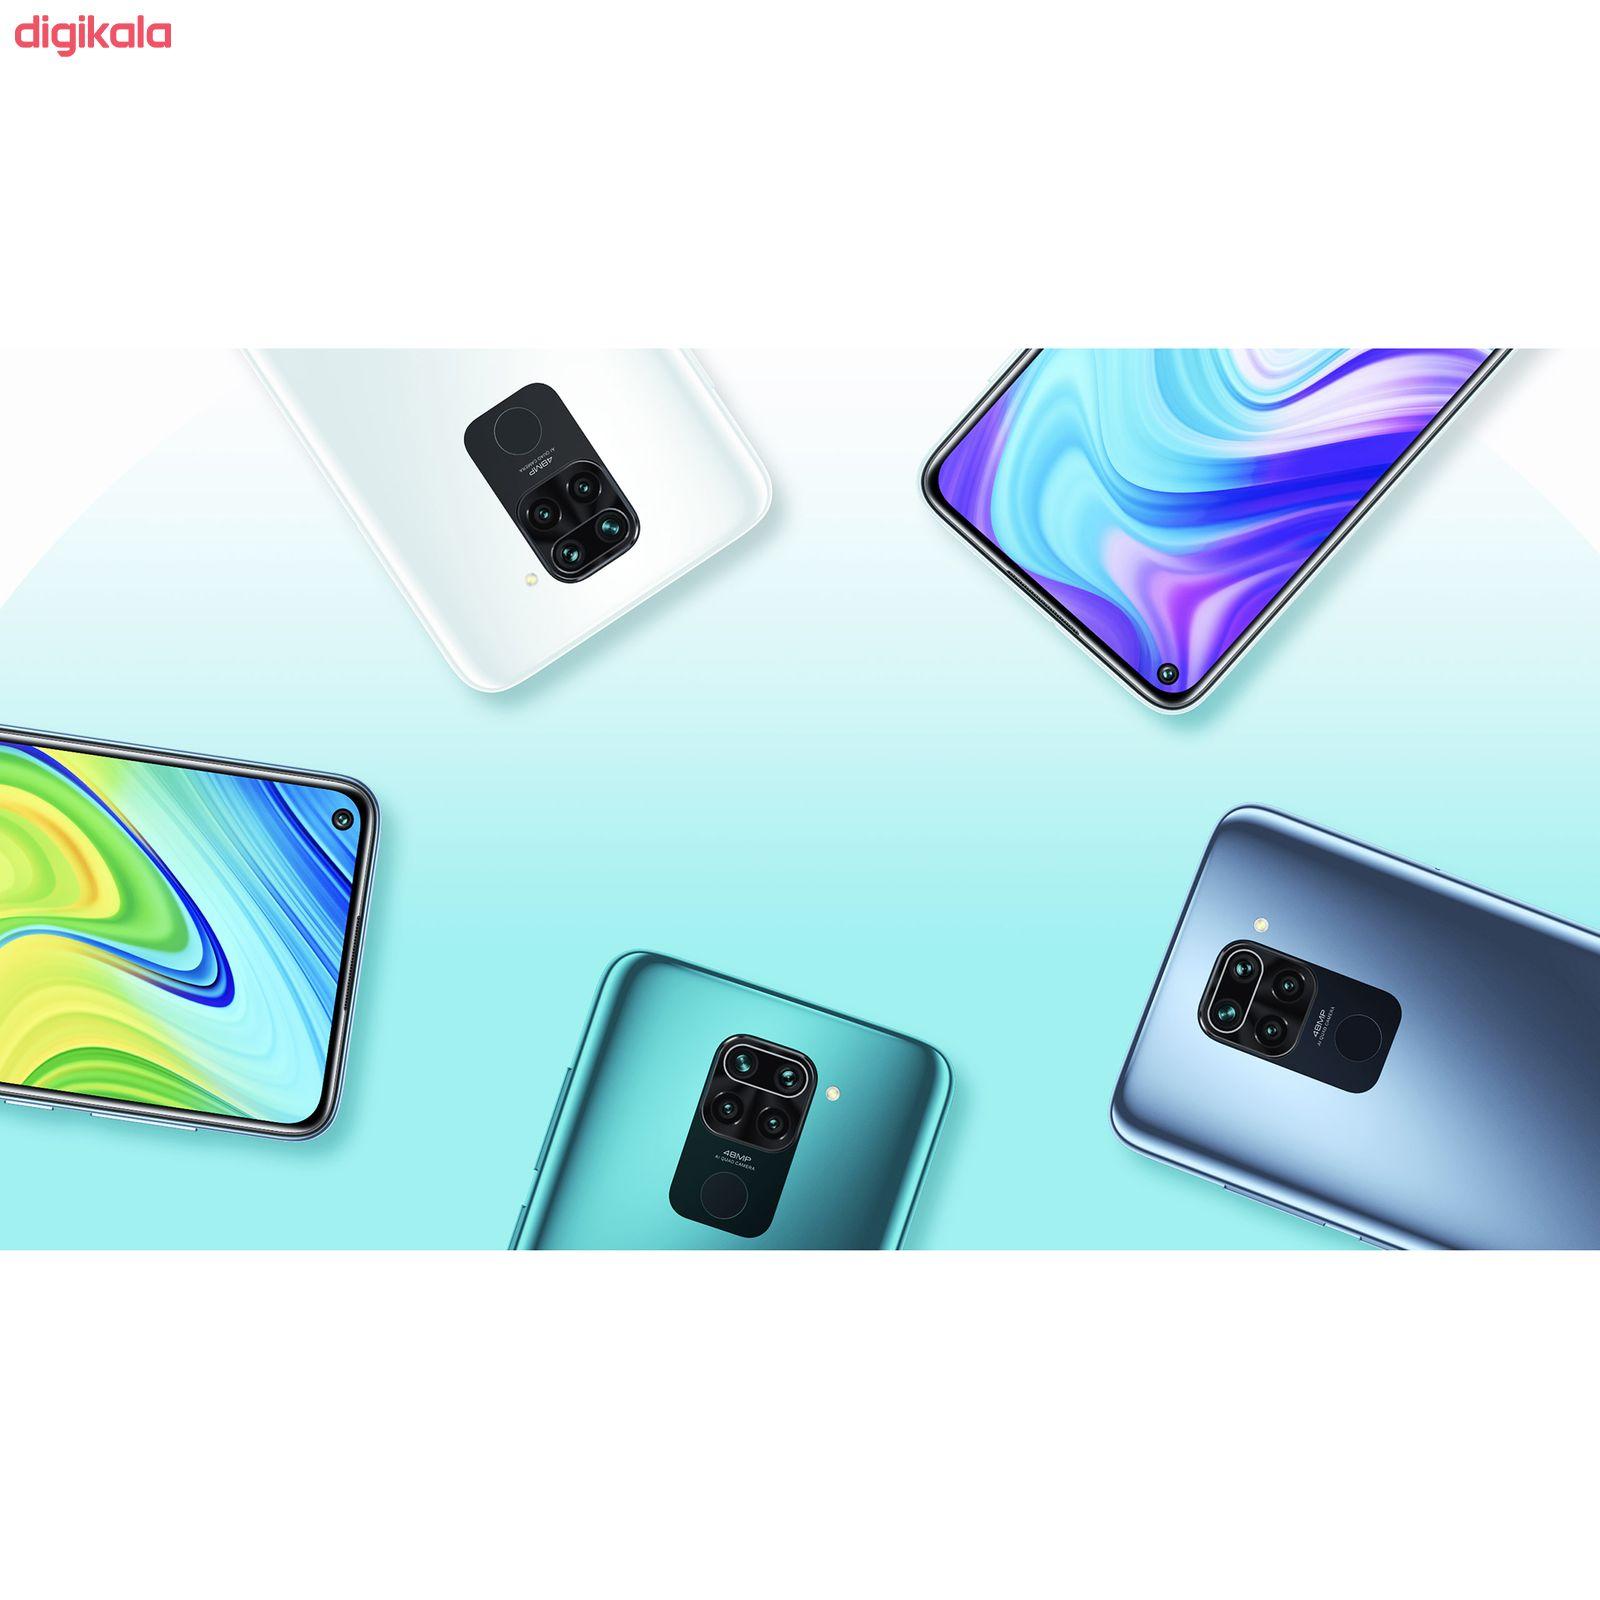 گوشی موبایل شیائومی مدل Redmi Note 9 M2003J15SS دو سیم کارت ظرفیت 64 گیگابایت main 1 4